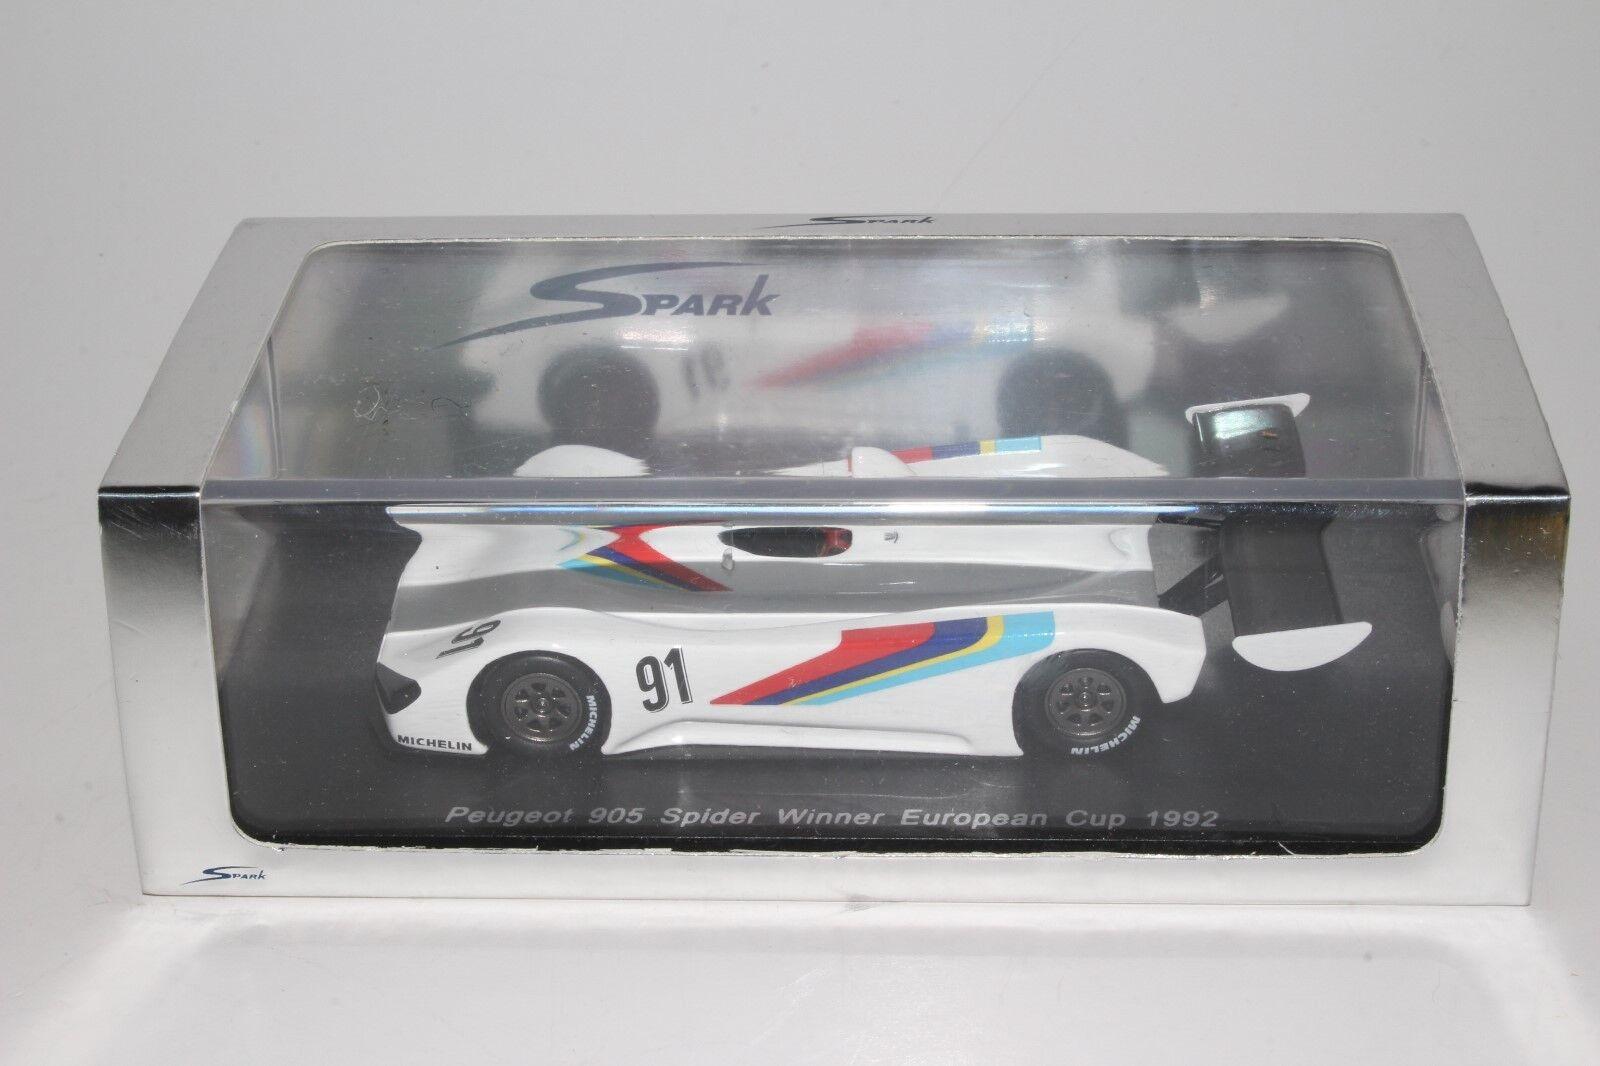 Peugeot 905 spider cup presentation voiture race 1991 ignition  model  1275  le style classique